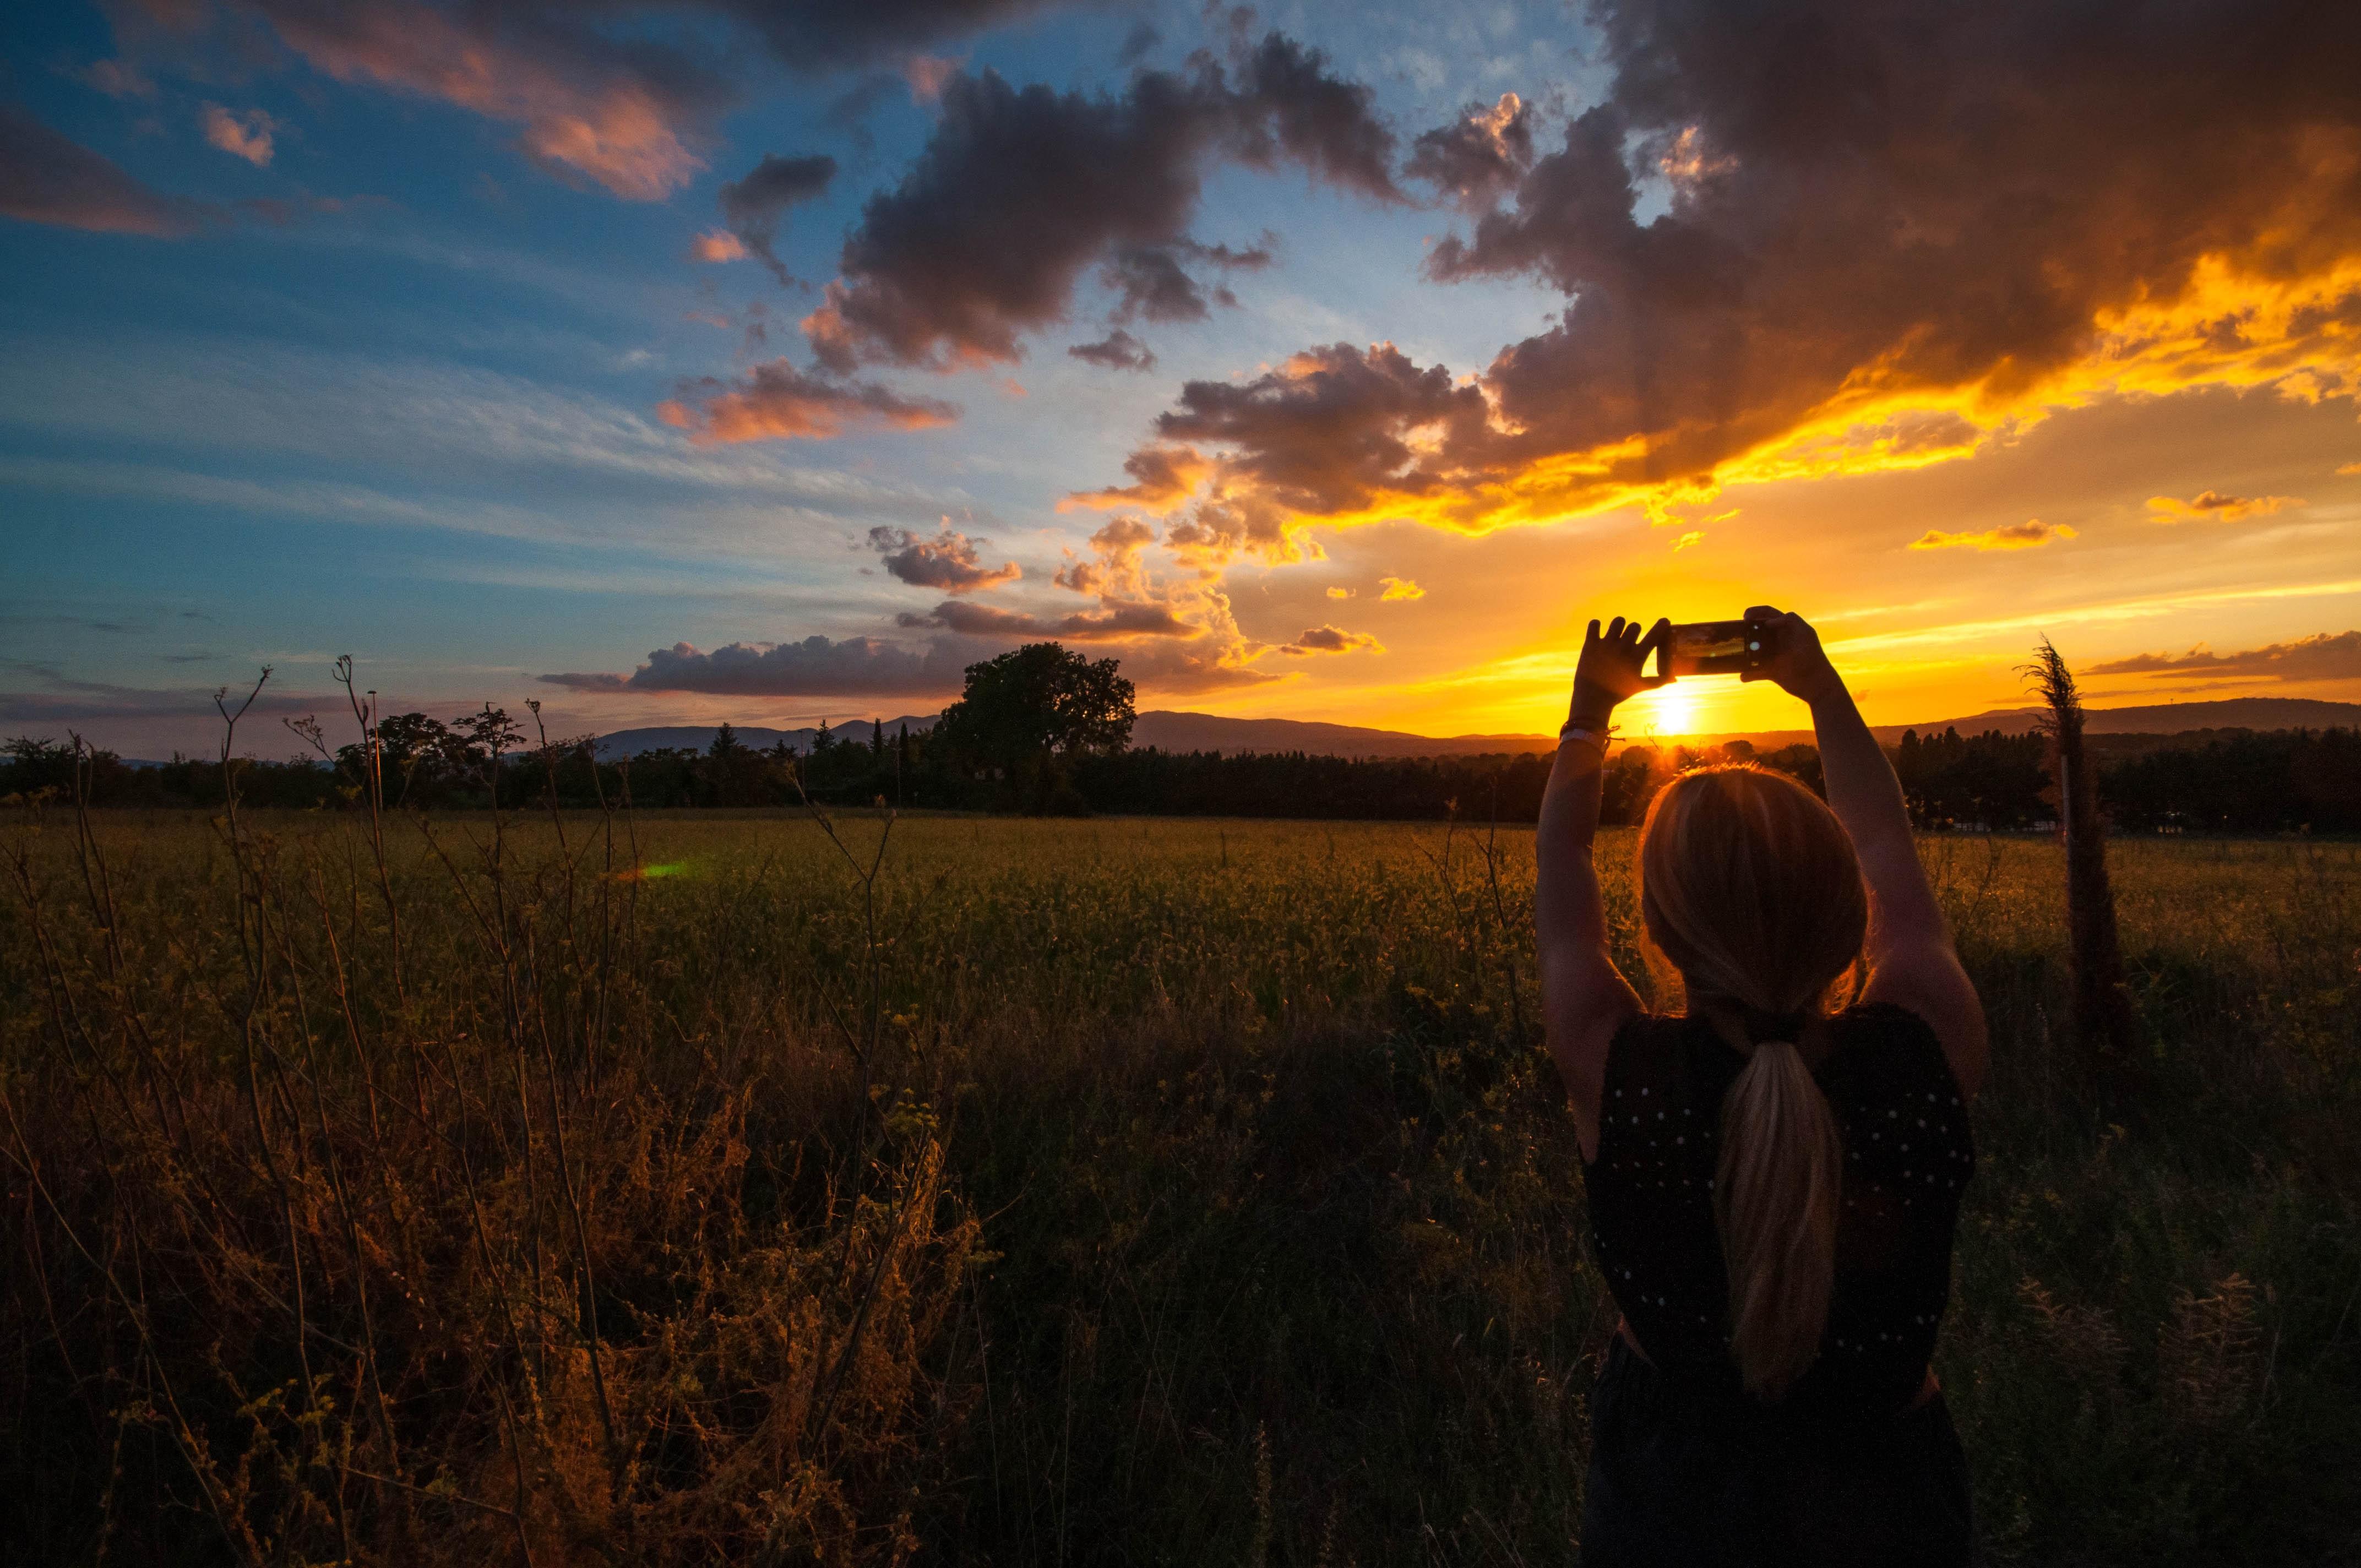 обращай что фотографировать на рассвете для оптического распознавания